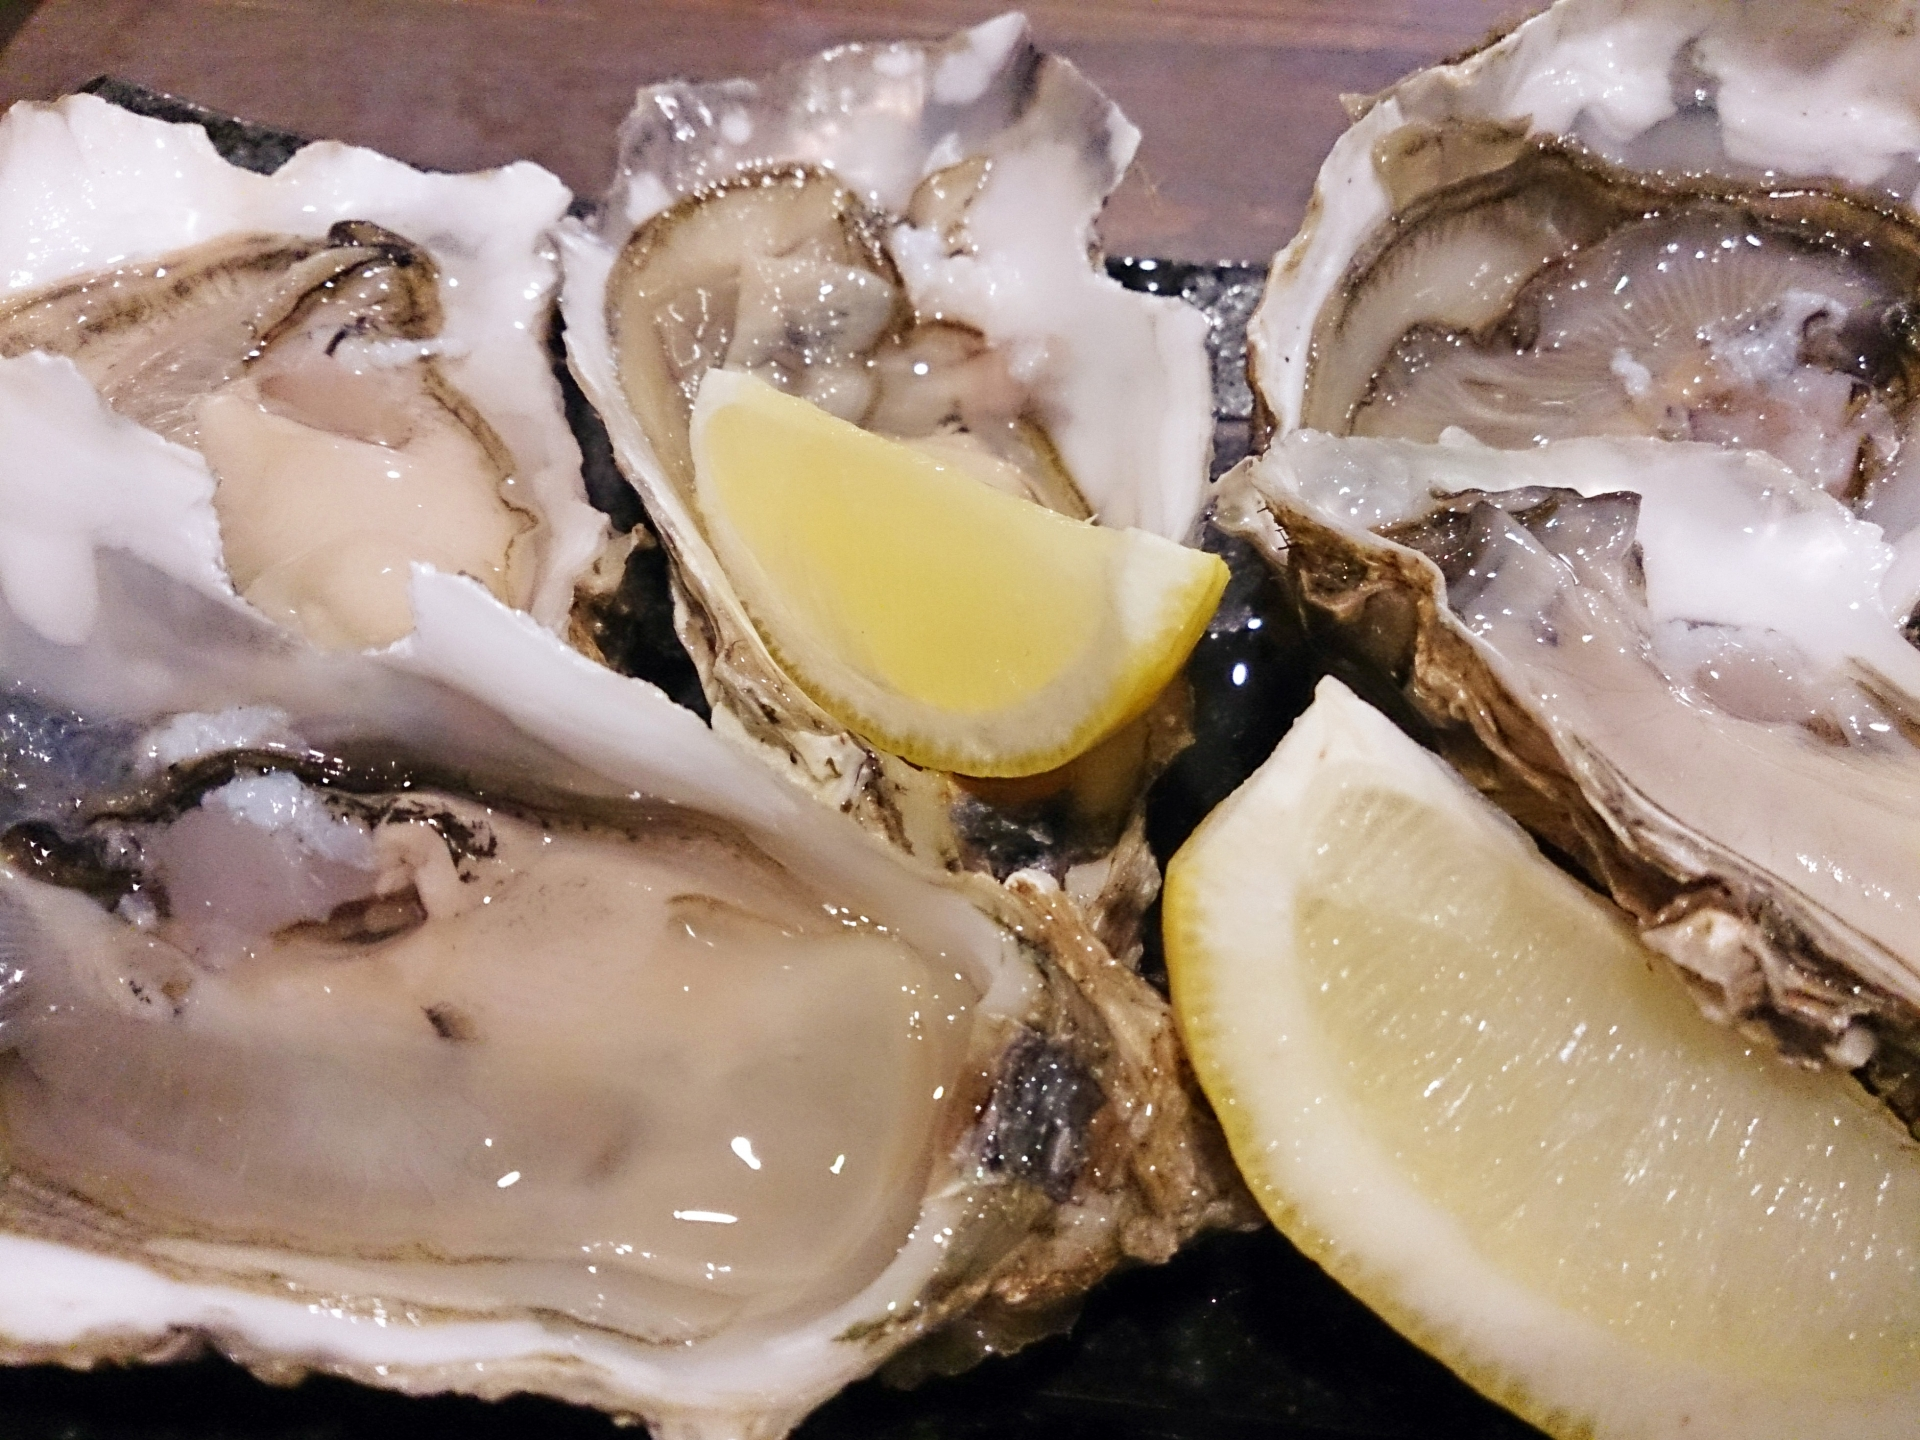 4牡蠣に含まれる薄毛対策や育毛に効果的な成分